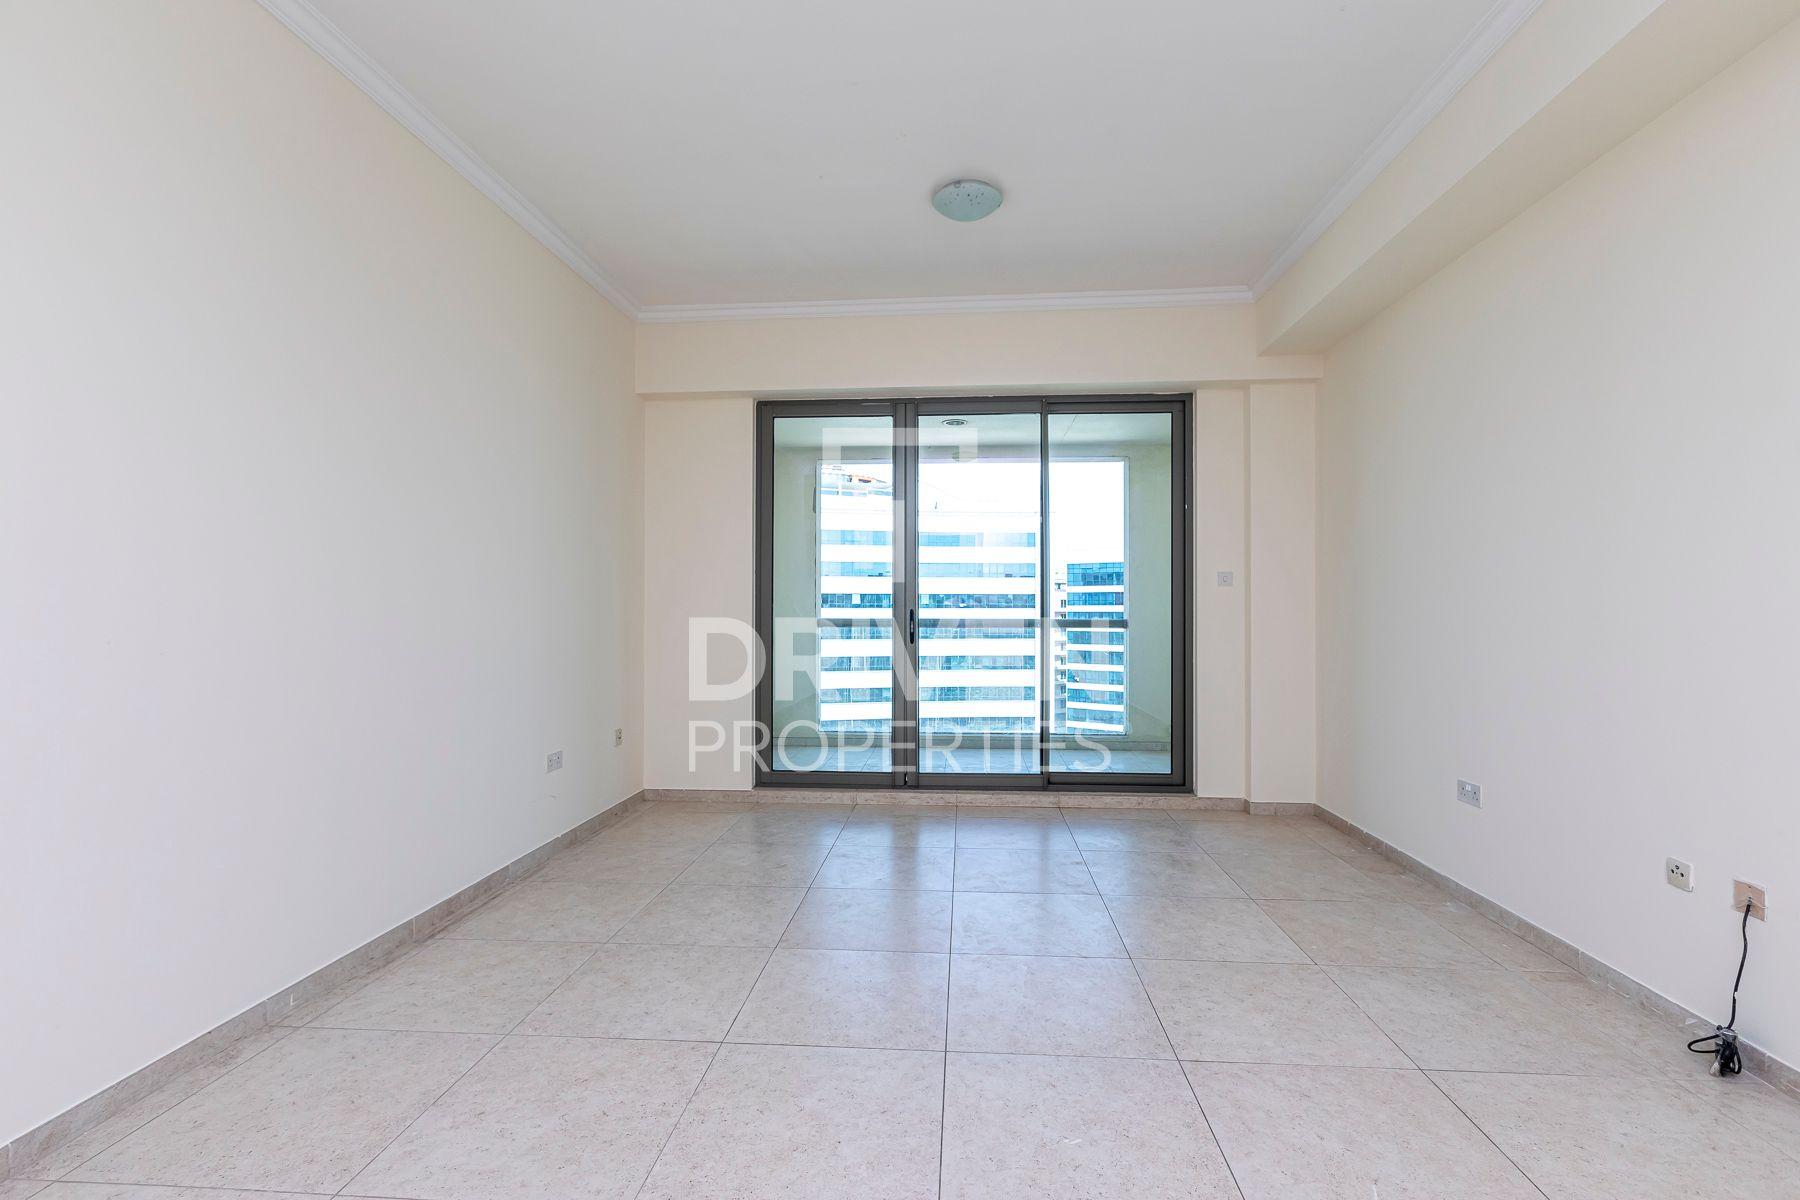 1,204 قدم مربع  شقة - للبيع - واحة السيليكون